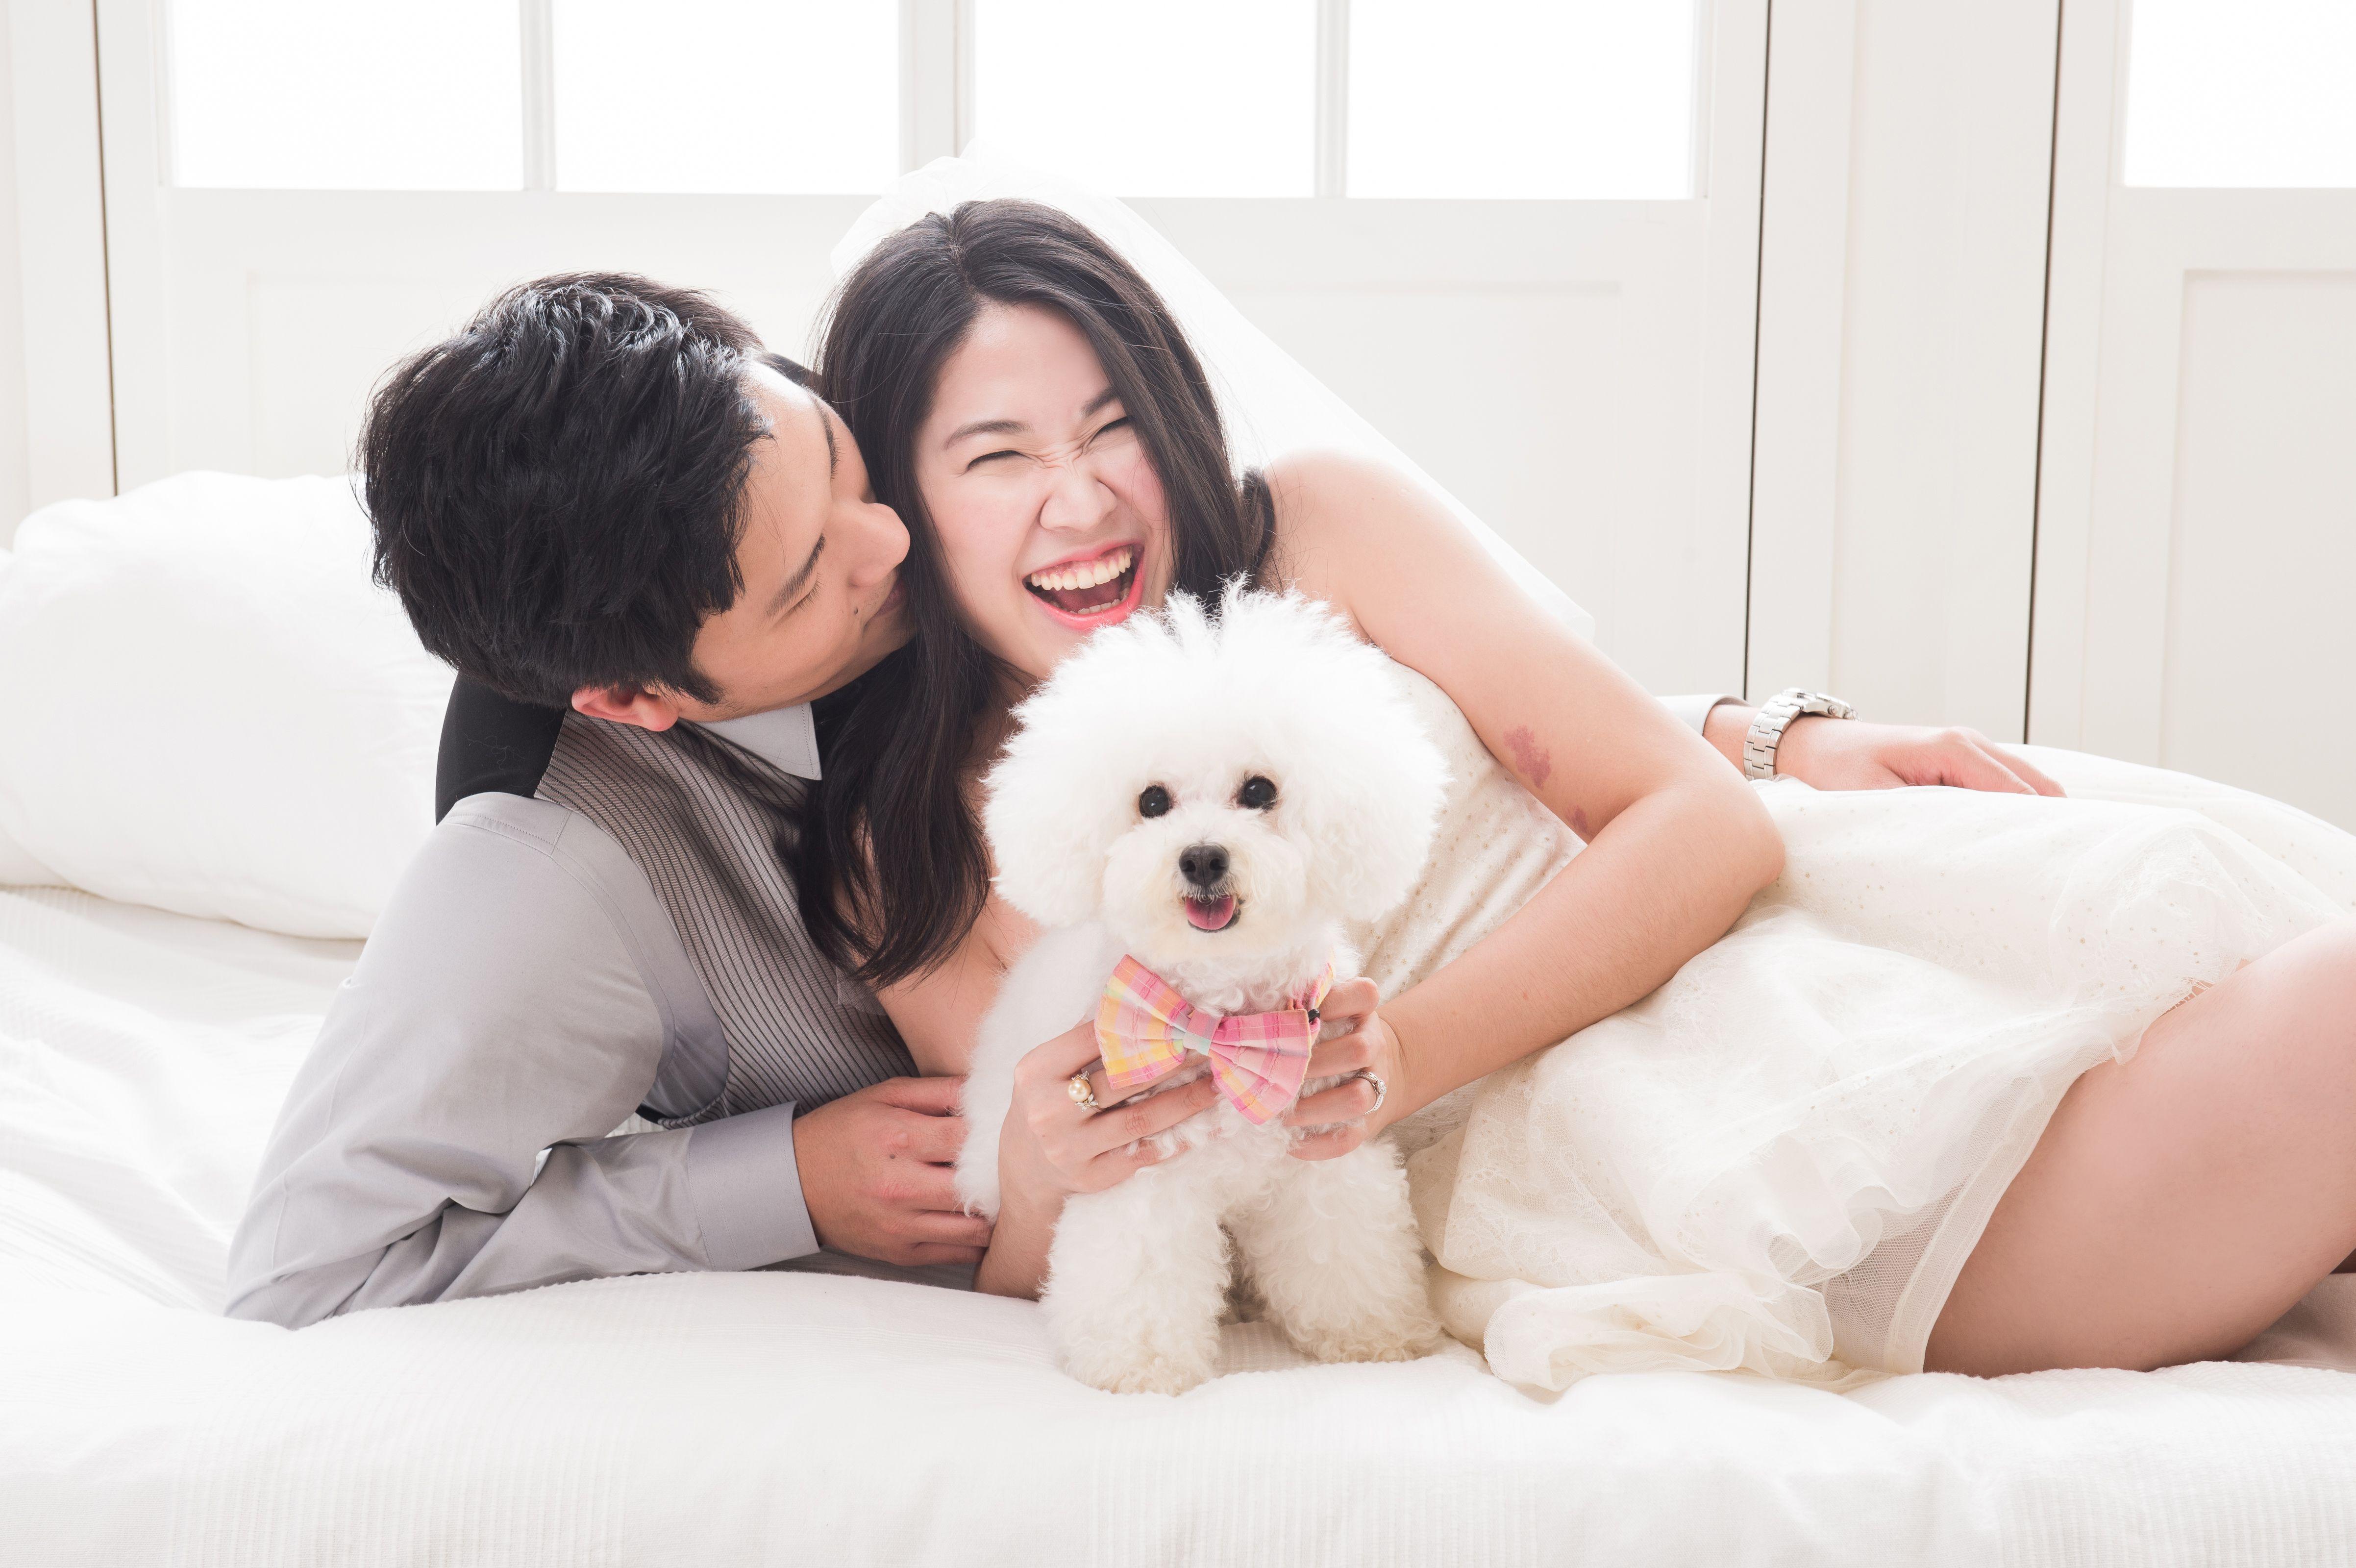 毛小孩,寵物,婚禮